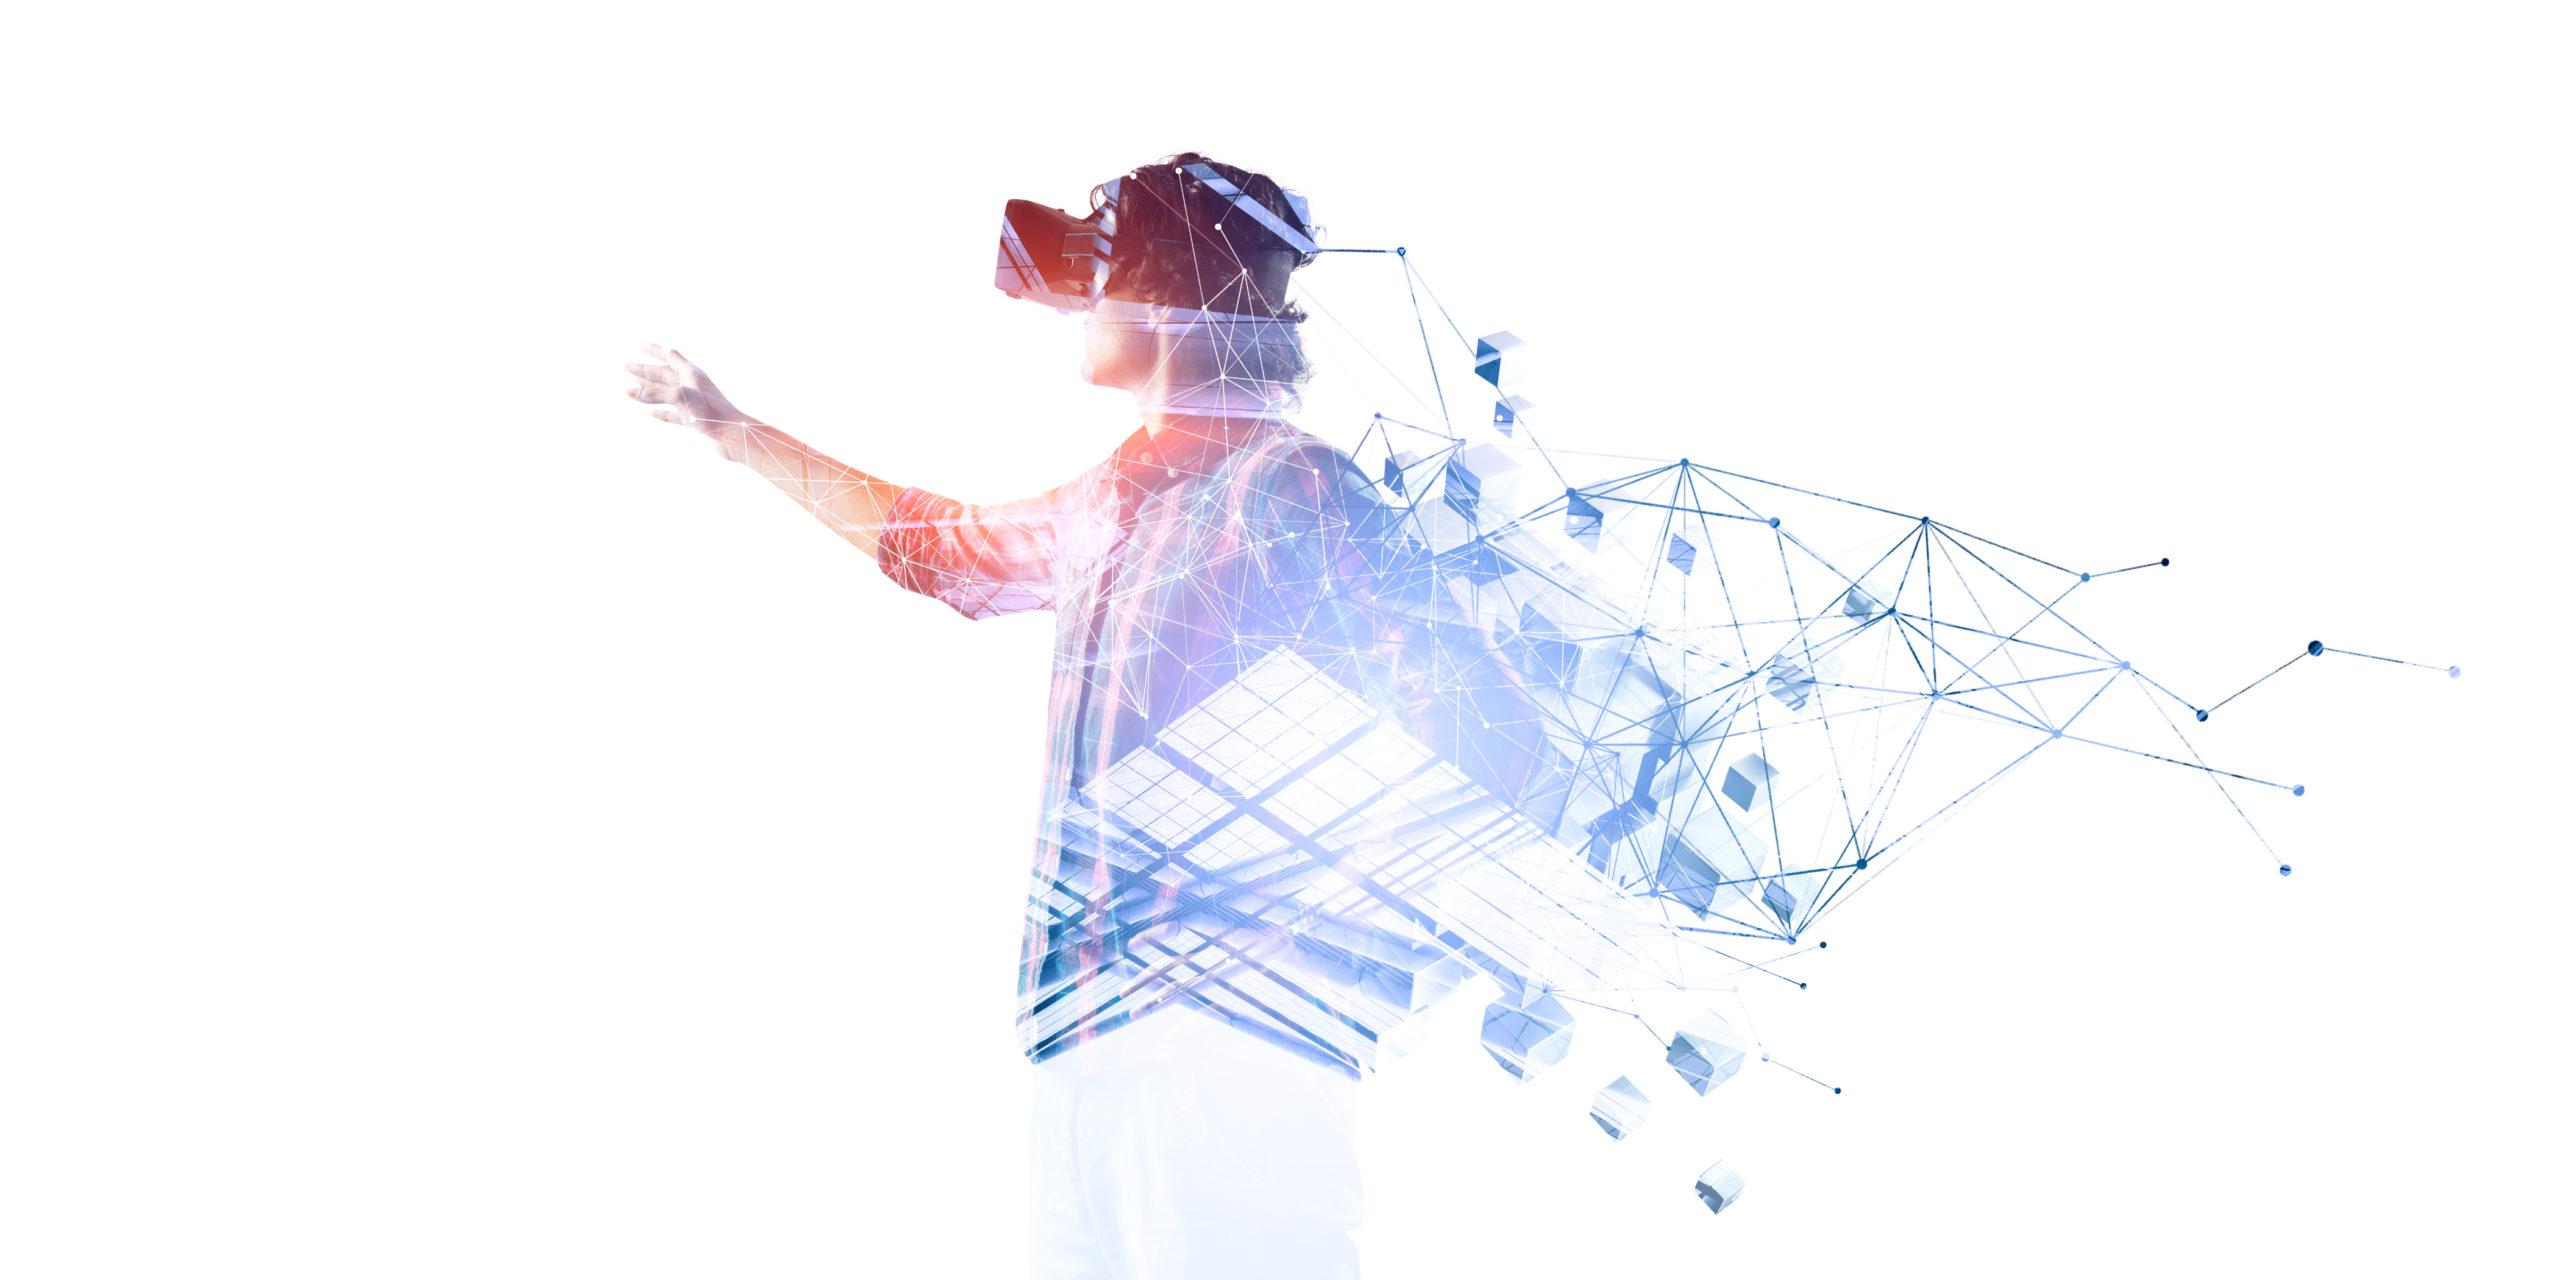 Inteligência Artificial, Big Data e Analytics - entrevista Marc Dowd